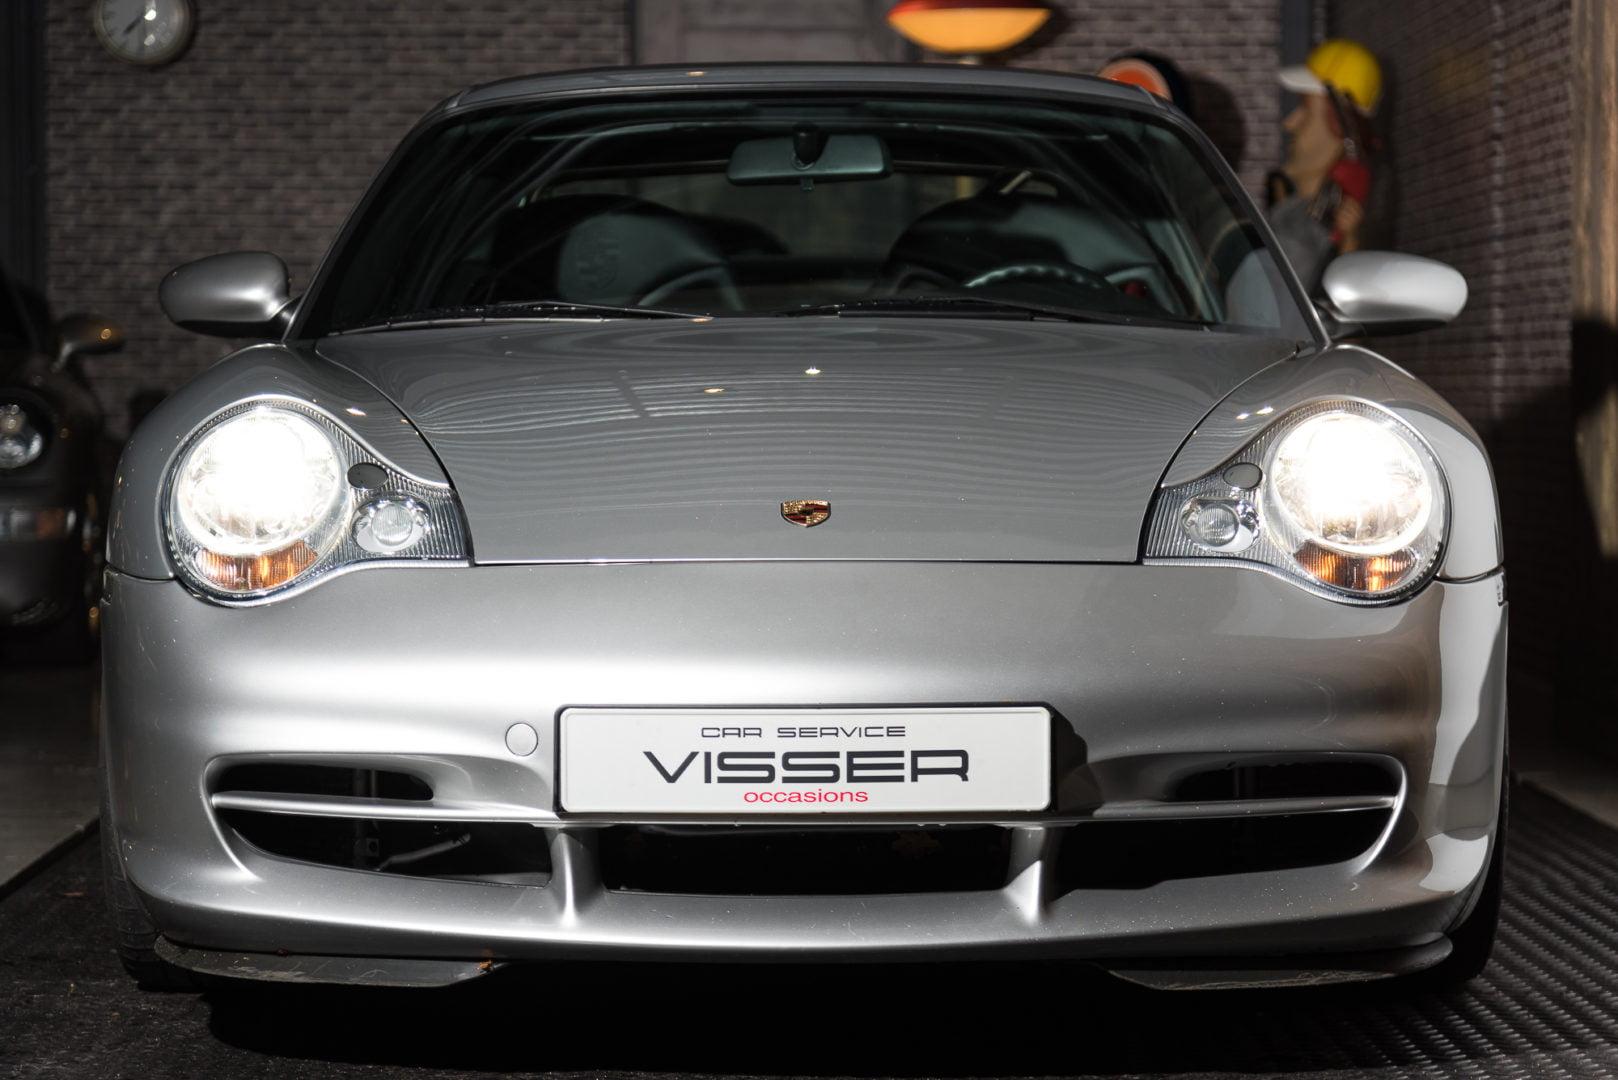 Porsche 996 GT3 handgeschakelde coupé Arktissilber-met.